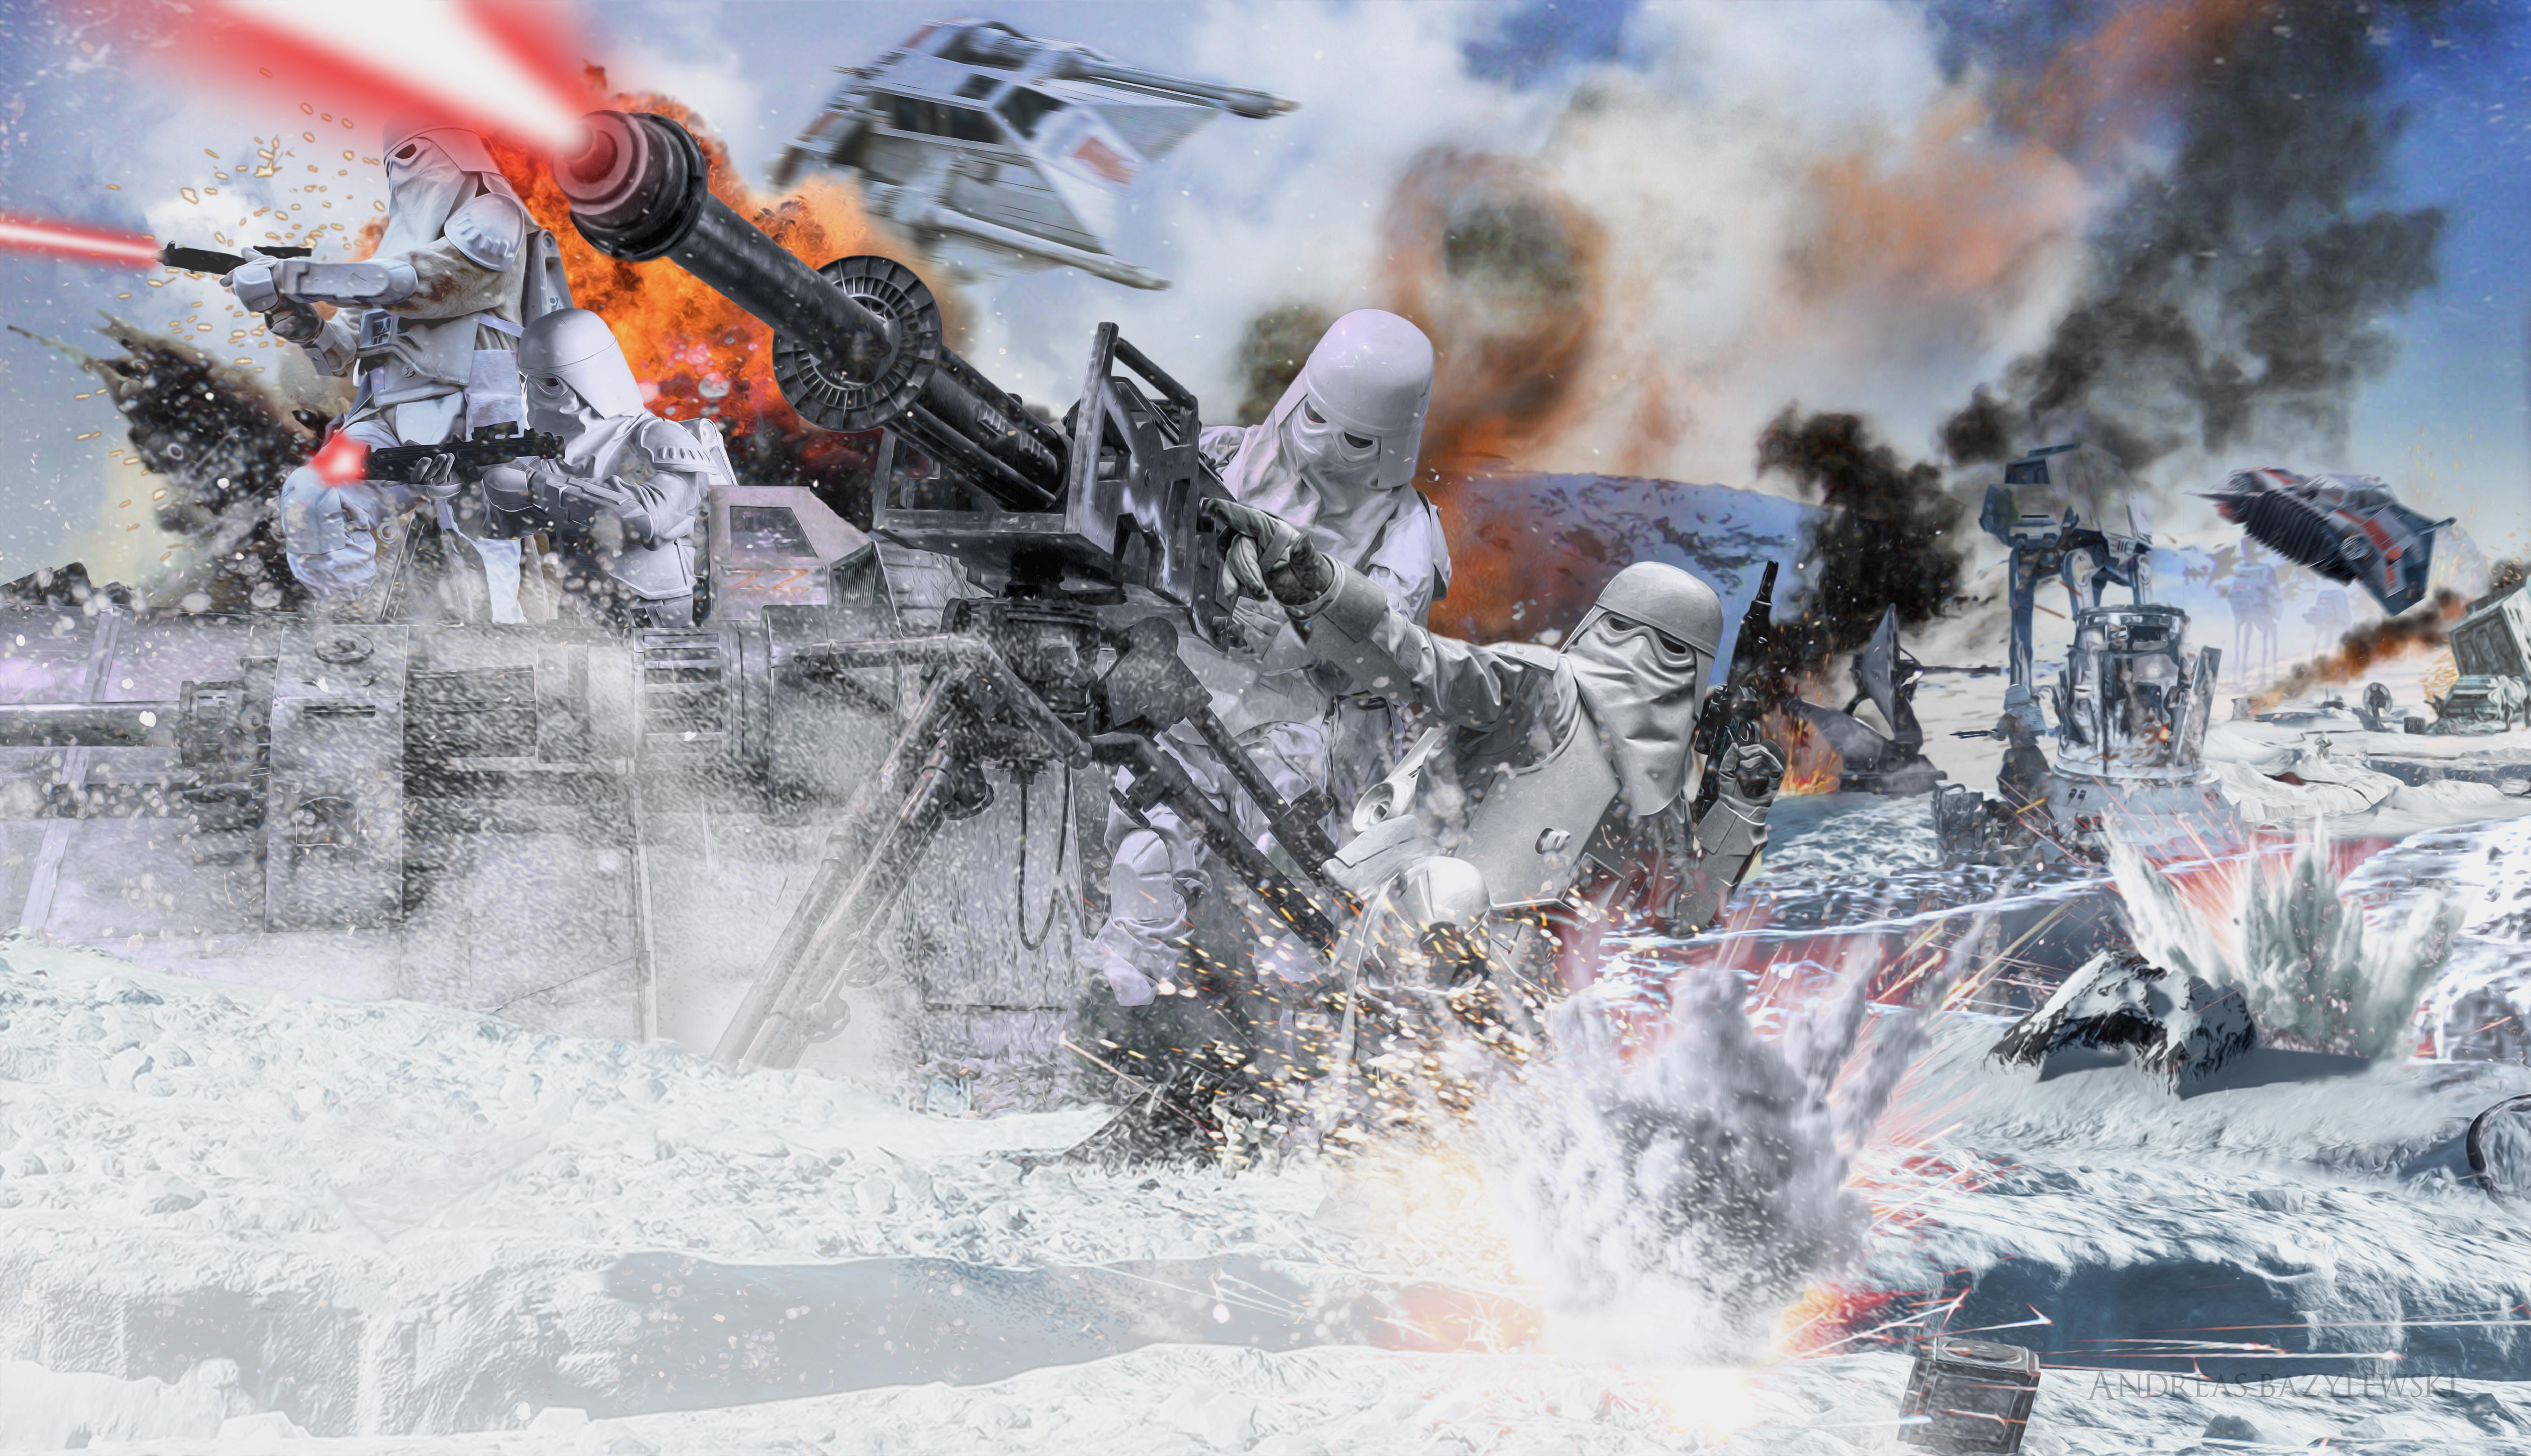 Star Wars   Battle of Hoth 5k Retina Ultra HD Wallpaper 7511x4321